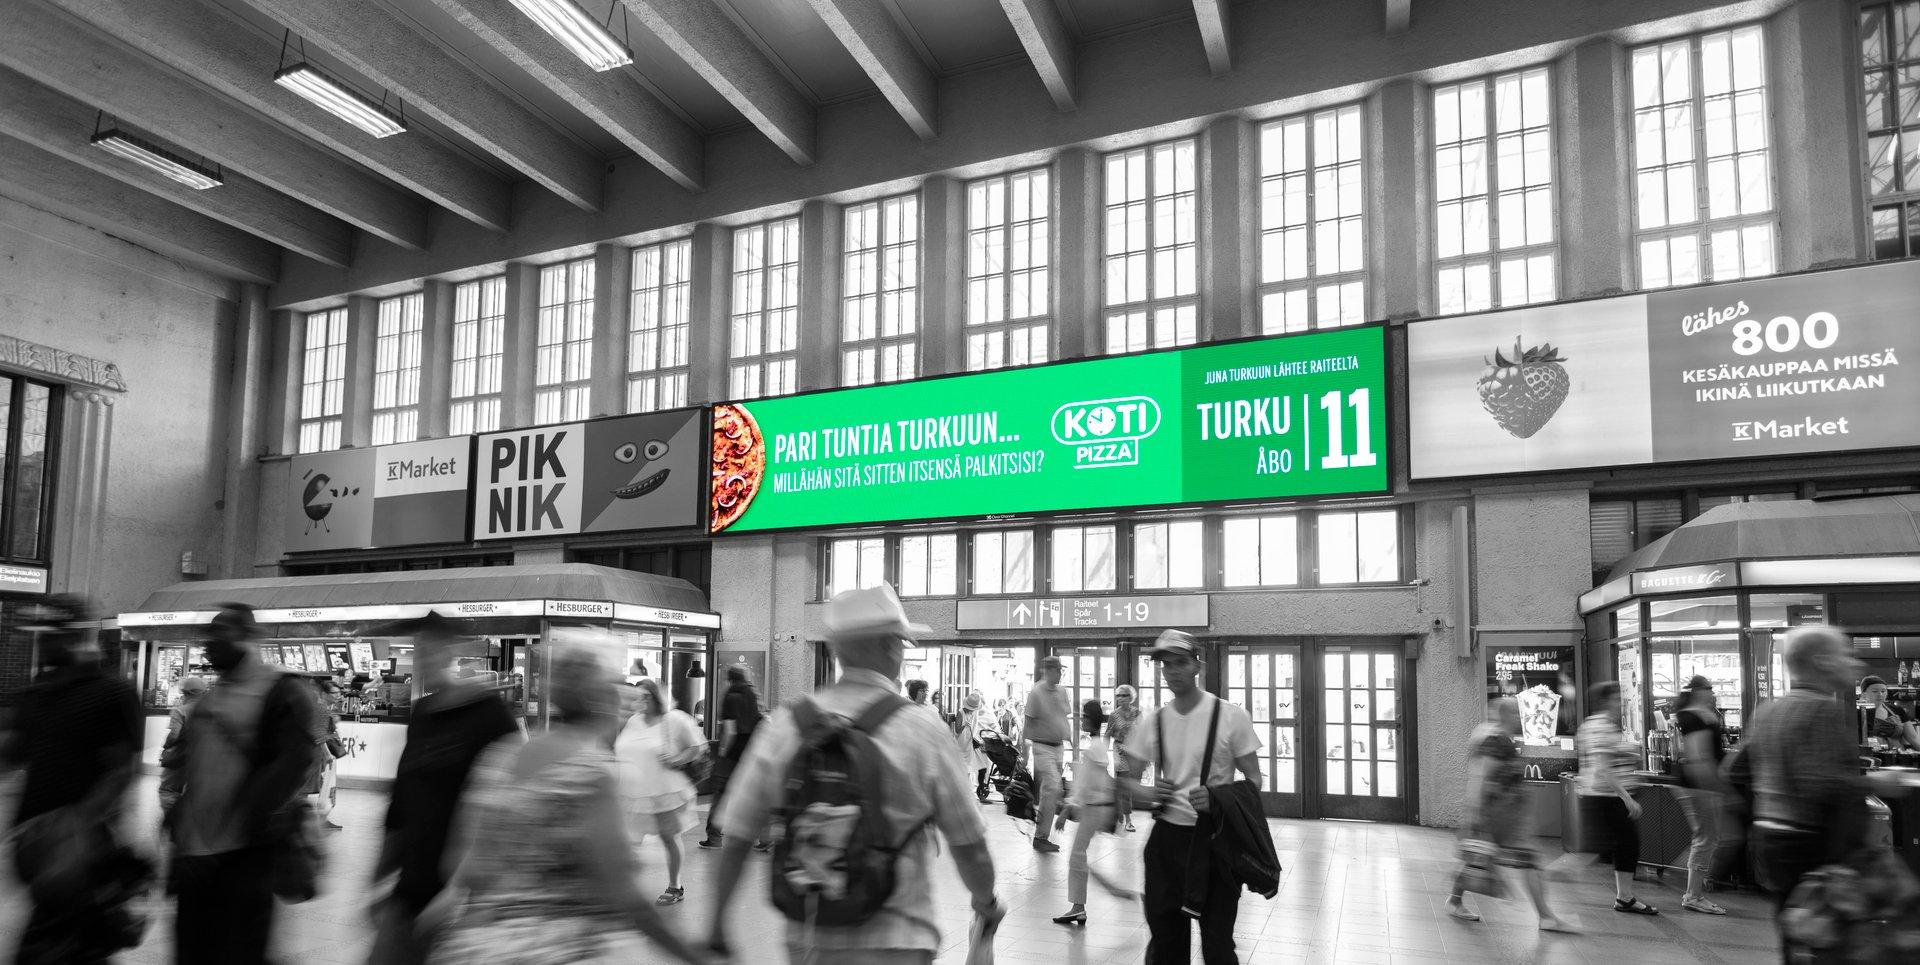 The Grand Central ulkomainosratkaisu